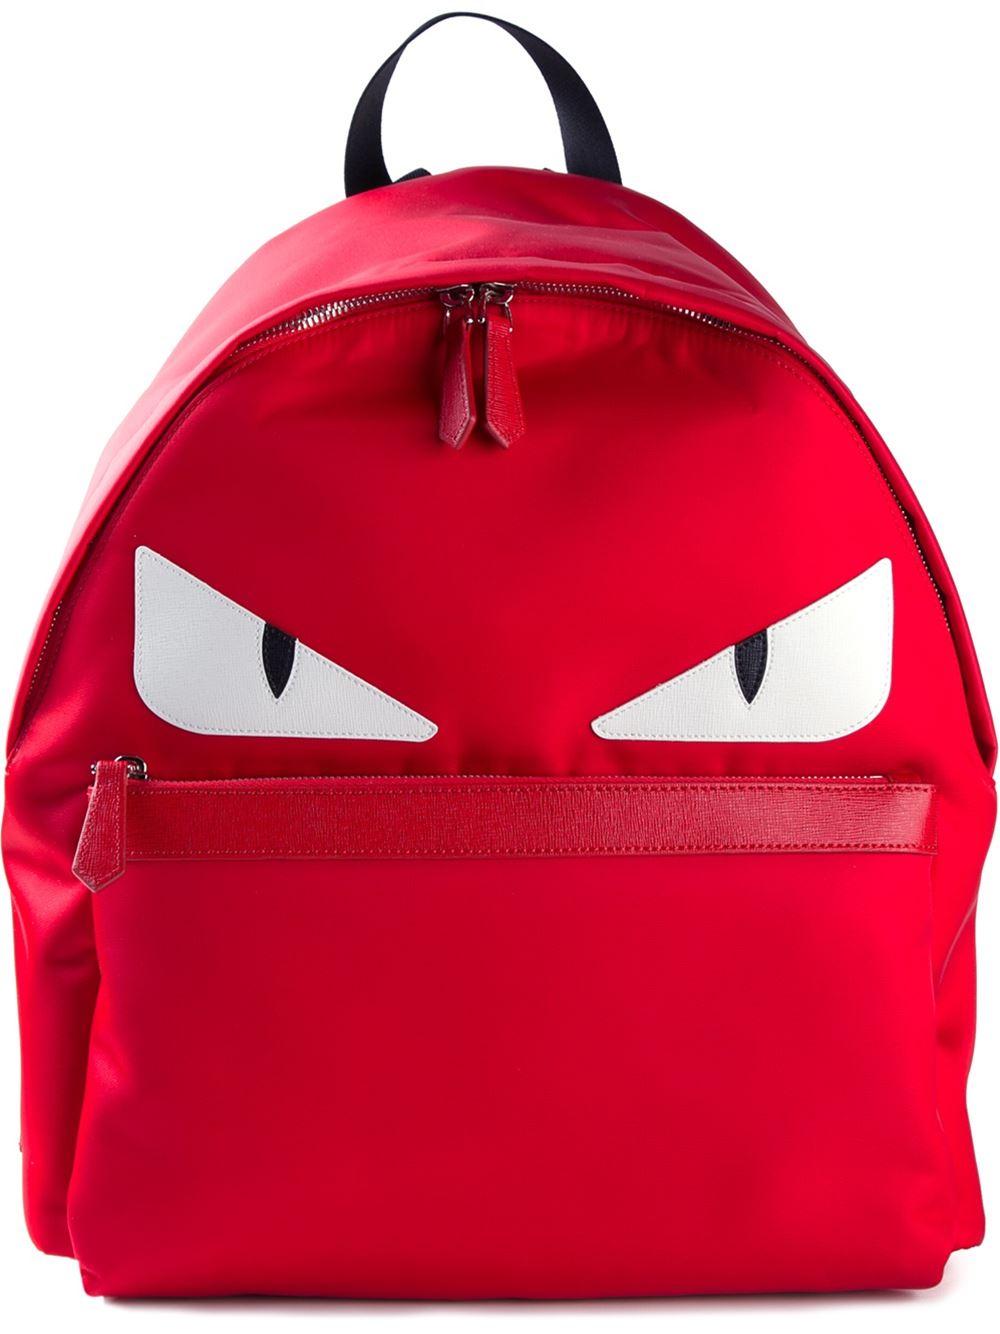 25c9af2ae178 Fendi Bag Bug Backpack Red| Perú Gustoso